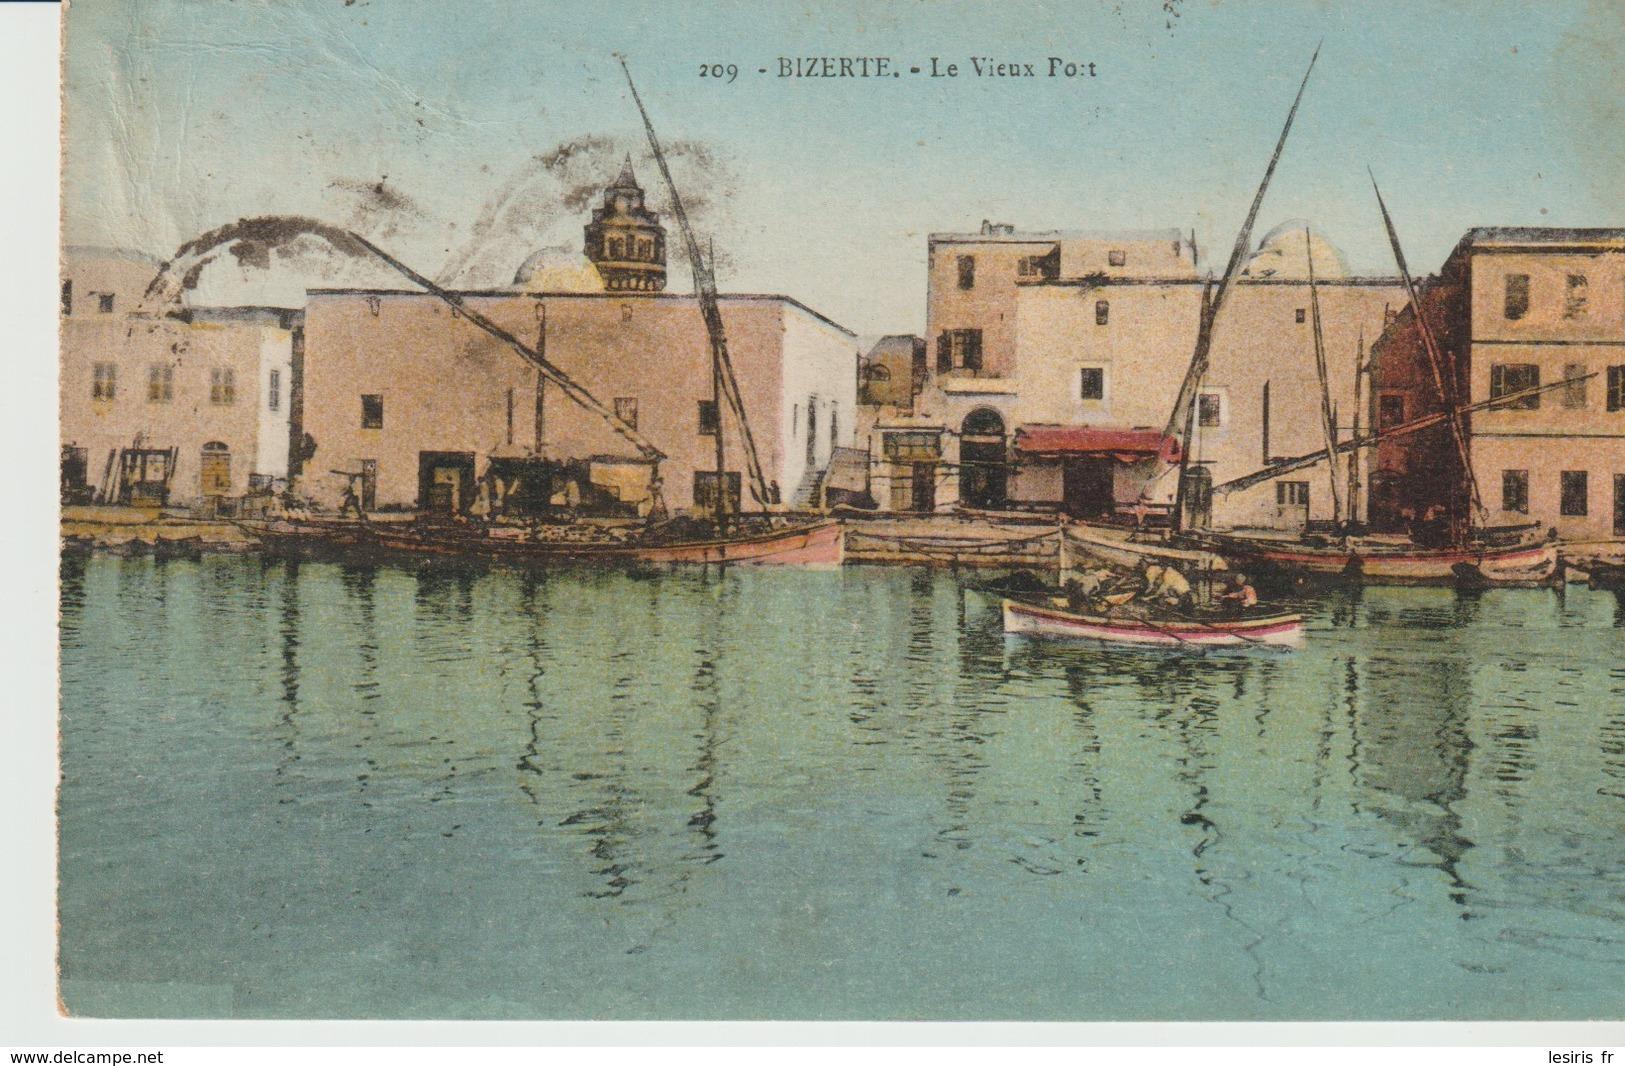 CPA - BIZERTE - LE VIEUX PORT - 209 - E. M . T . - Túnez